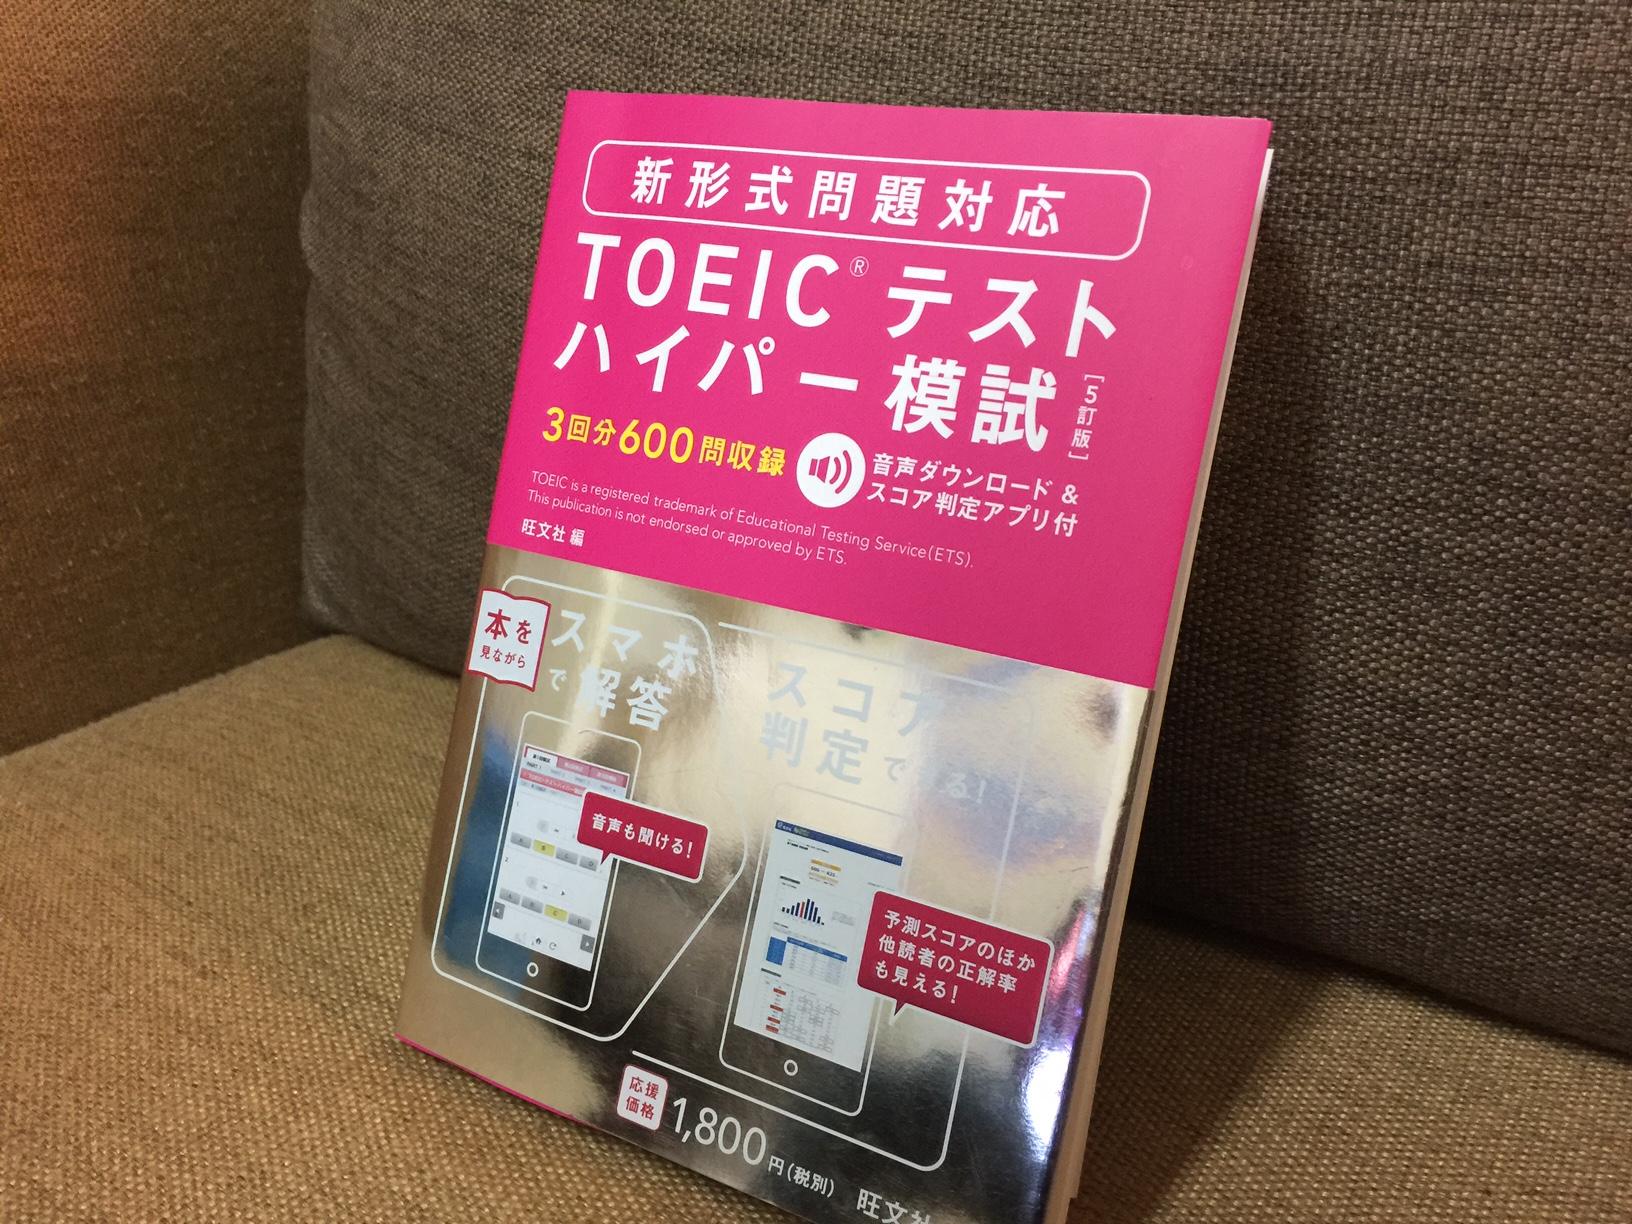 「新形式問題対応 TOEICハイパー模試」の感想・レビュー①